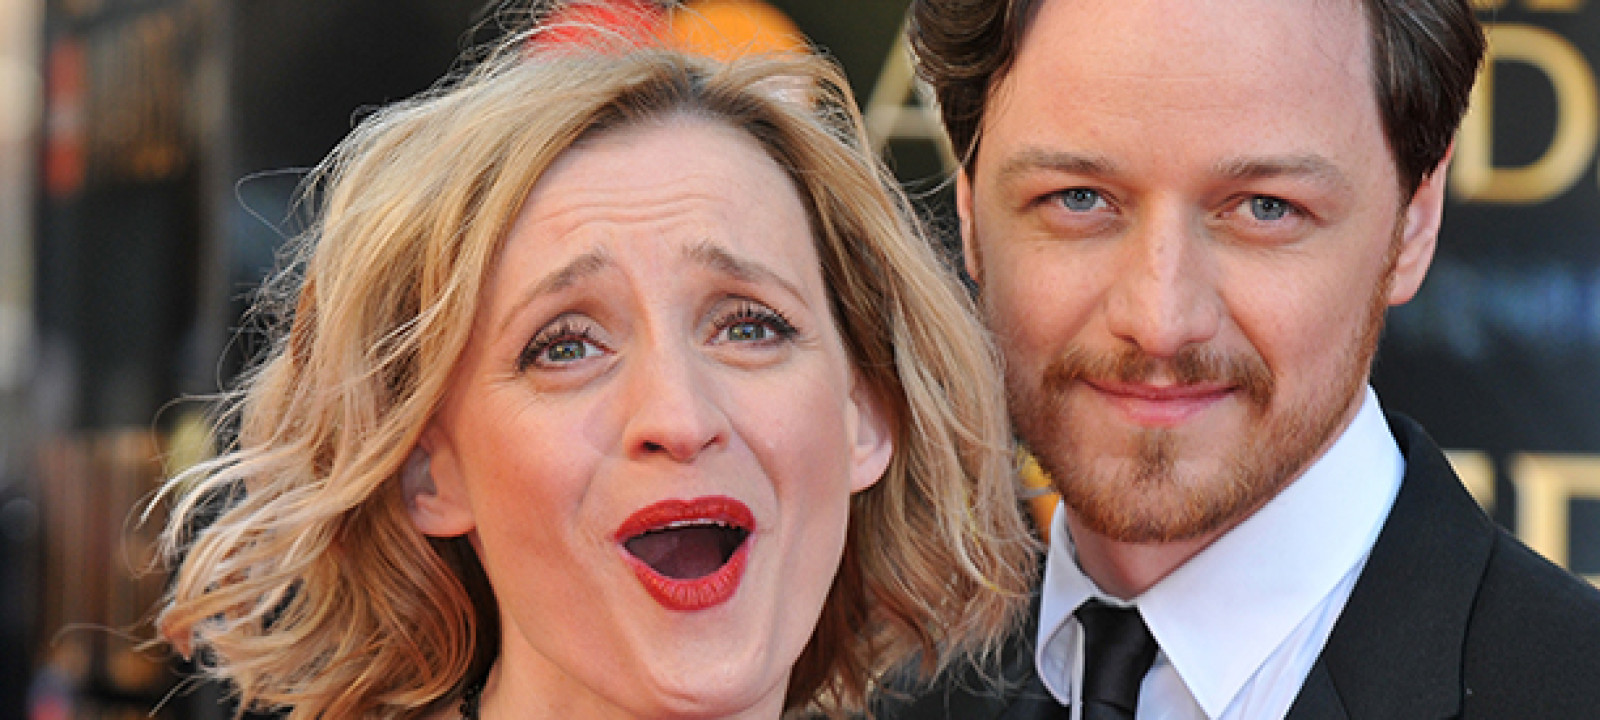 Olivier Awards 2012 – Arrivals